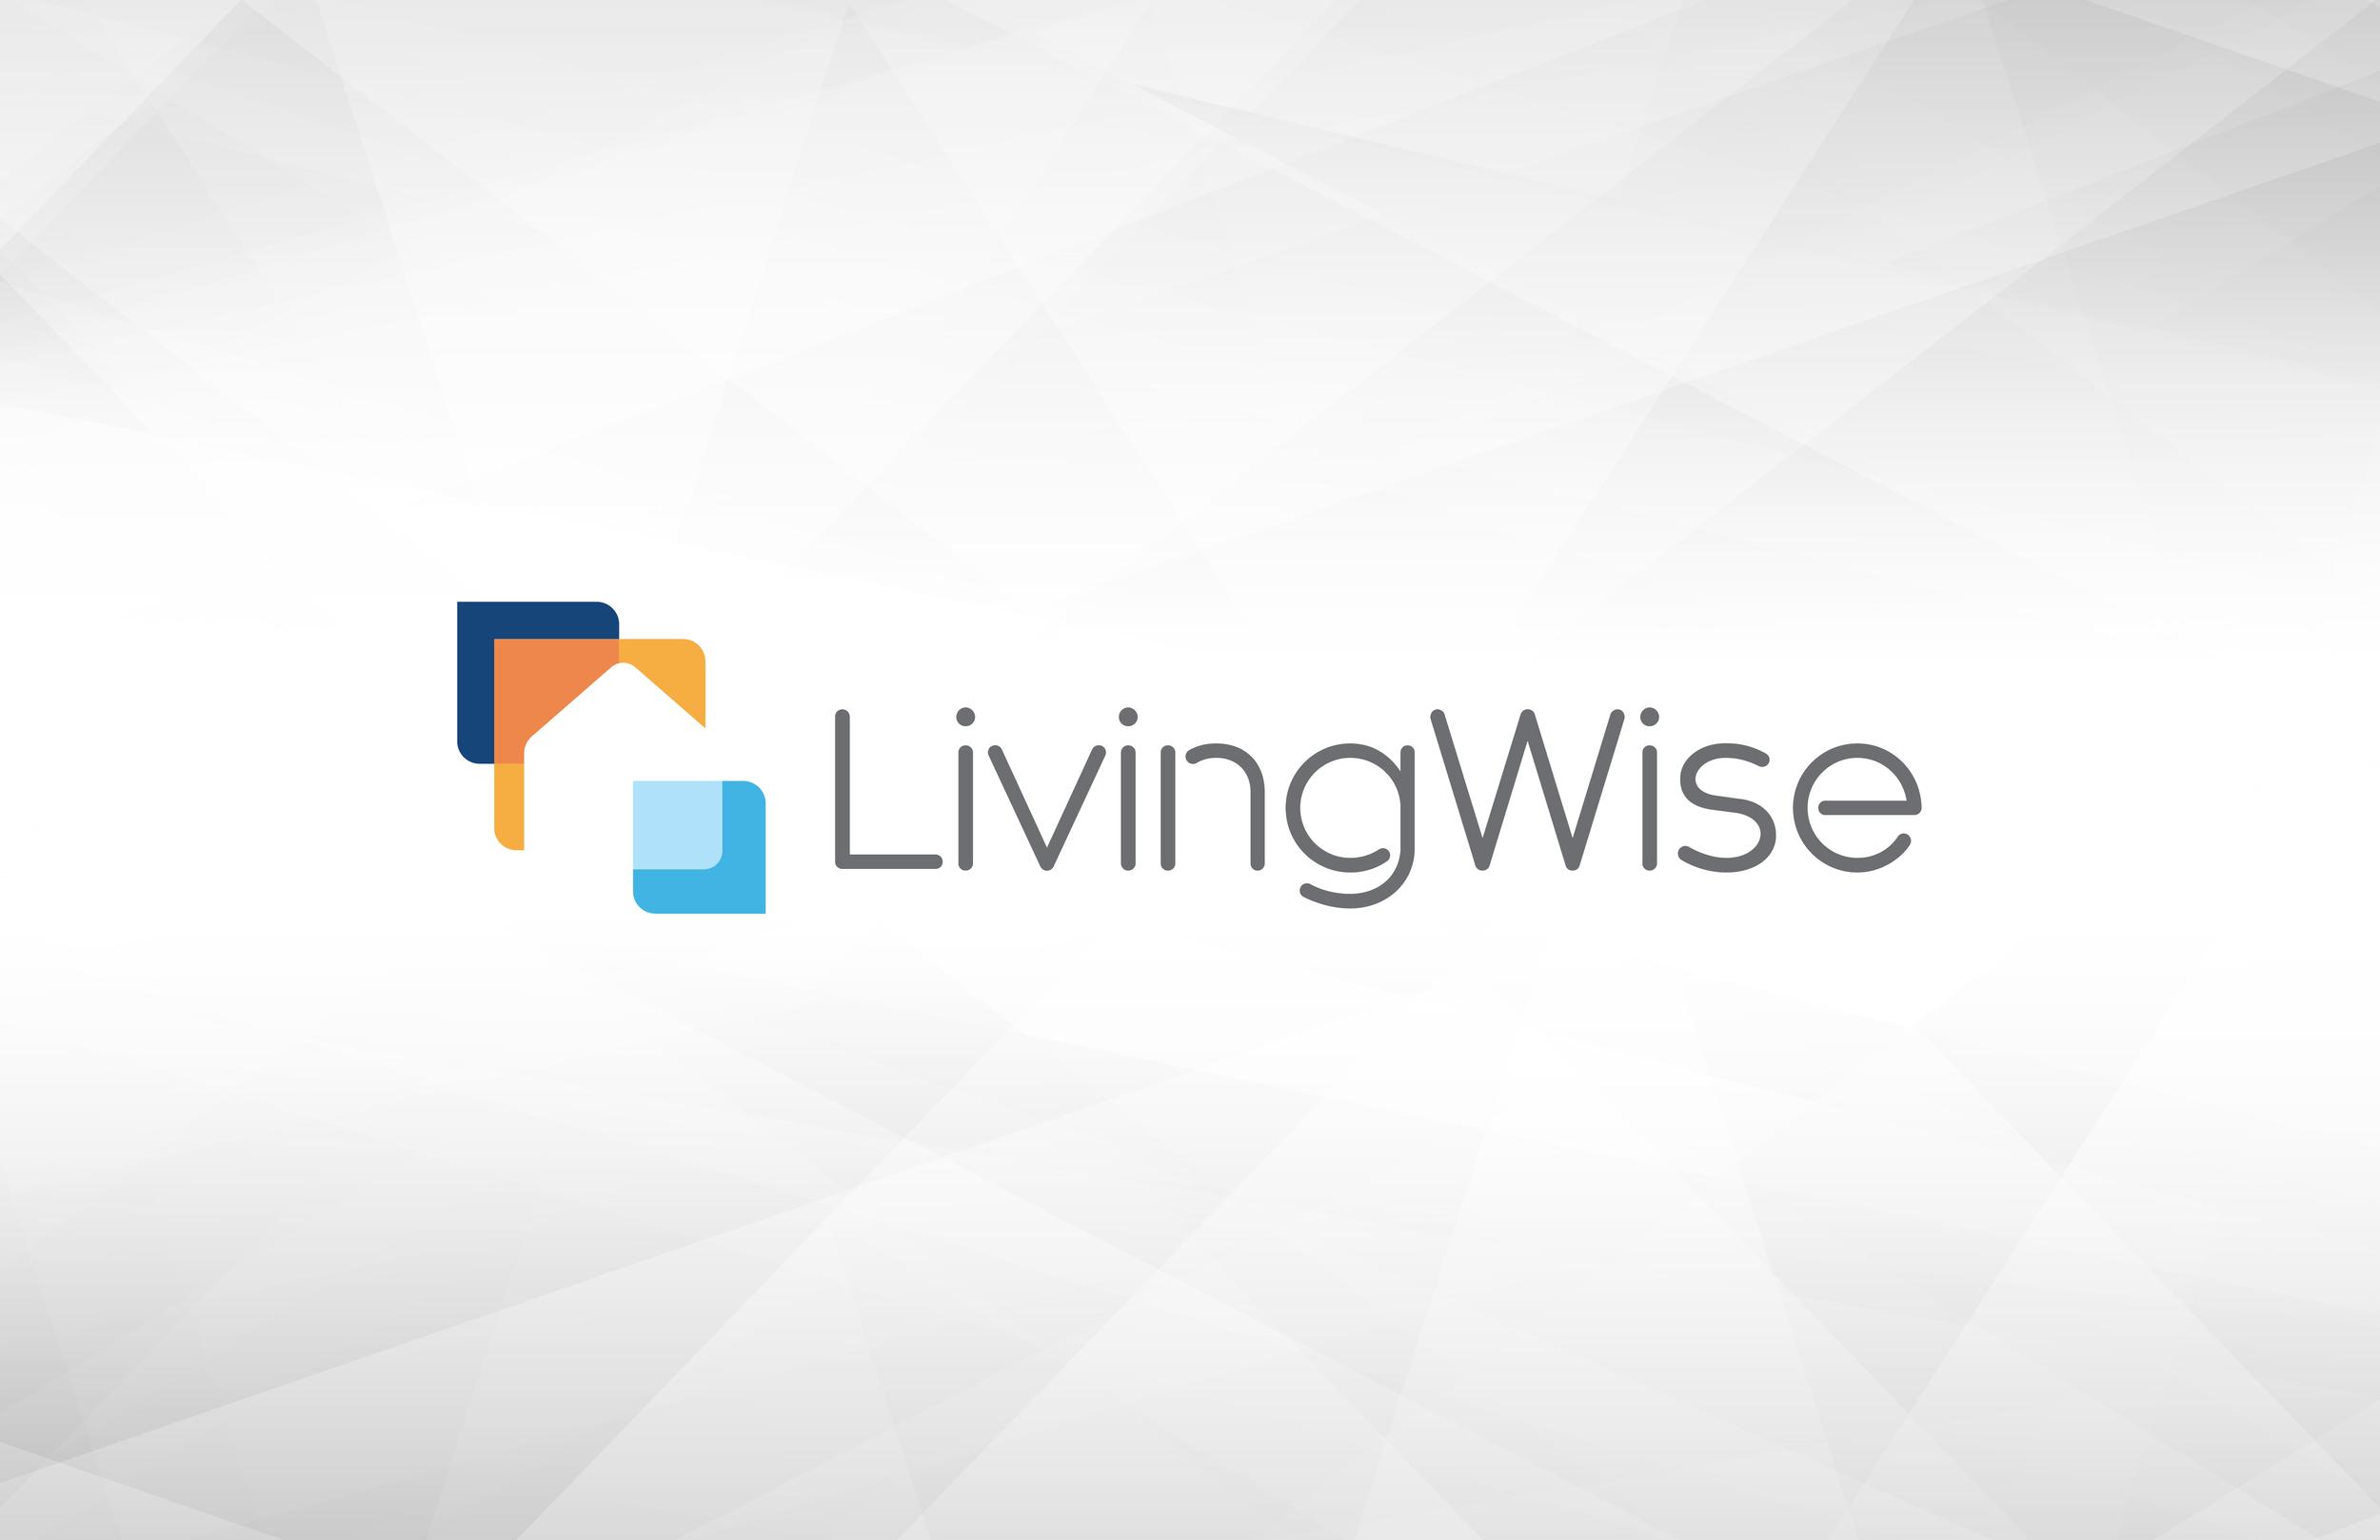 LivingWise logo design